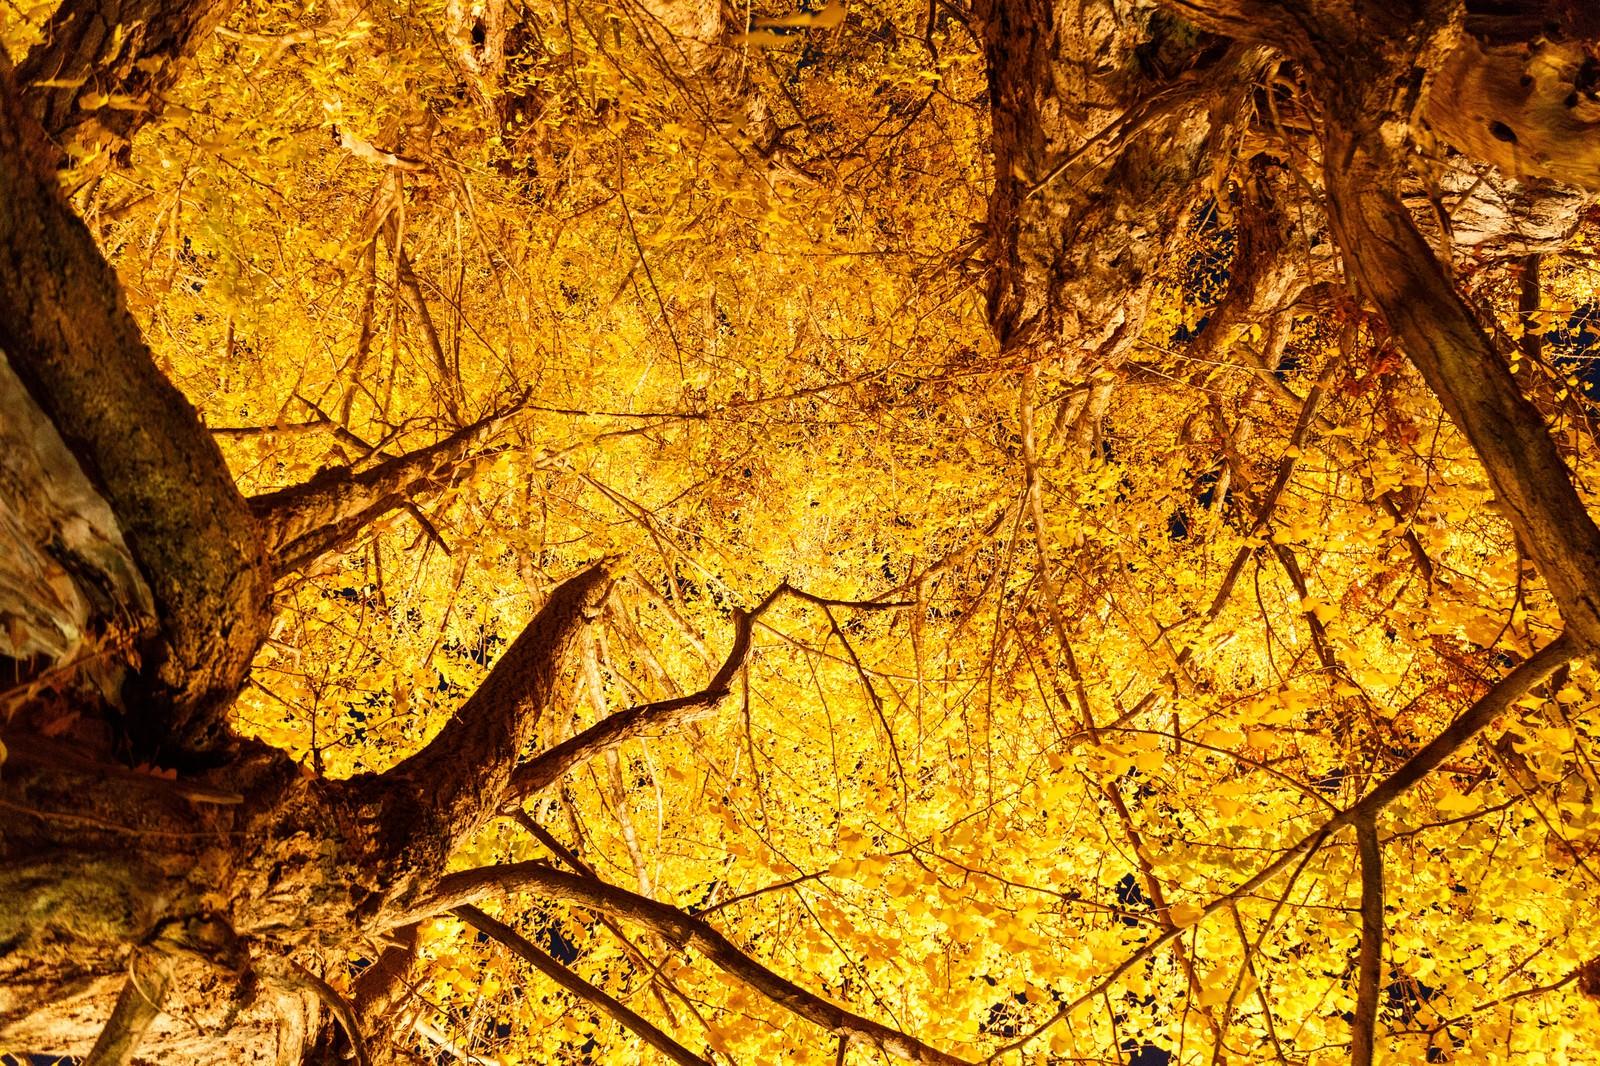 生命的奇迹银杏树在日本广岛原子弹炸后也能存活